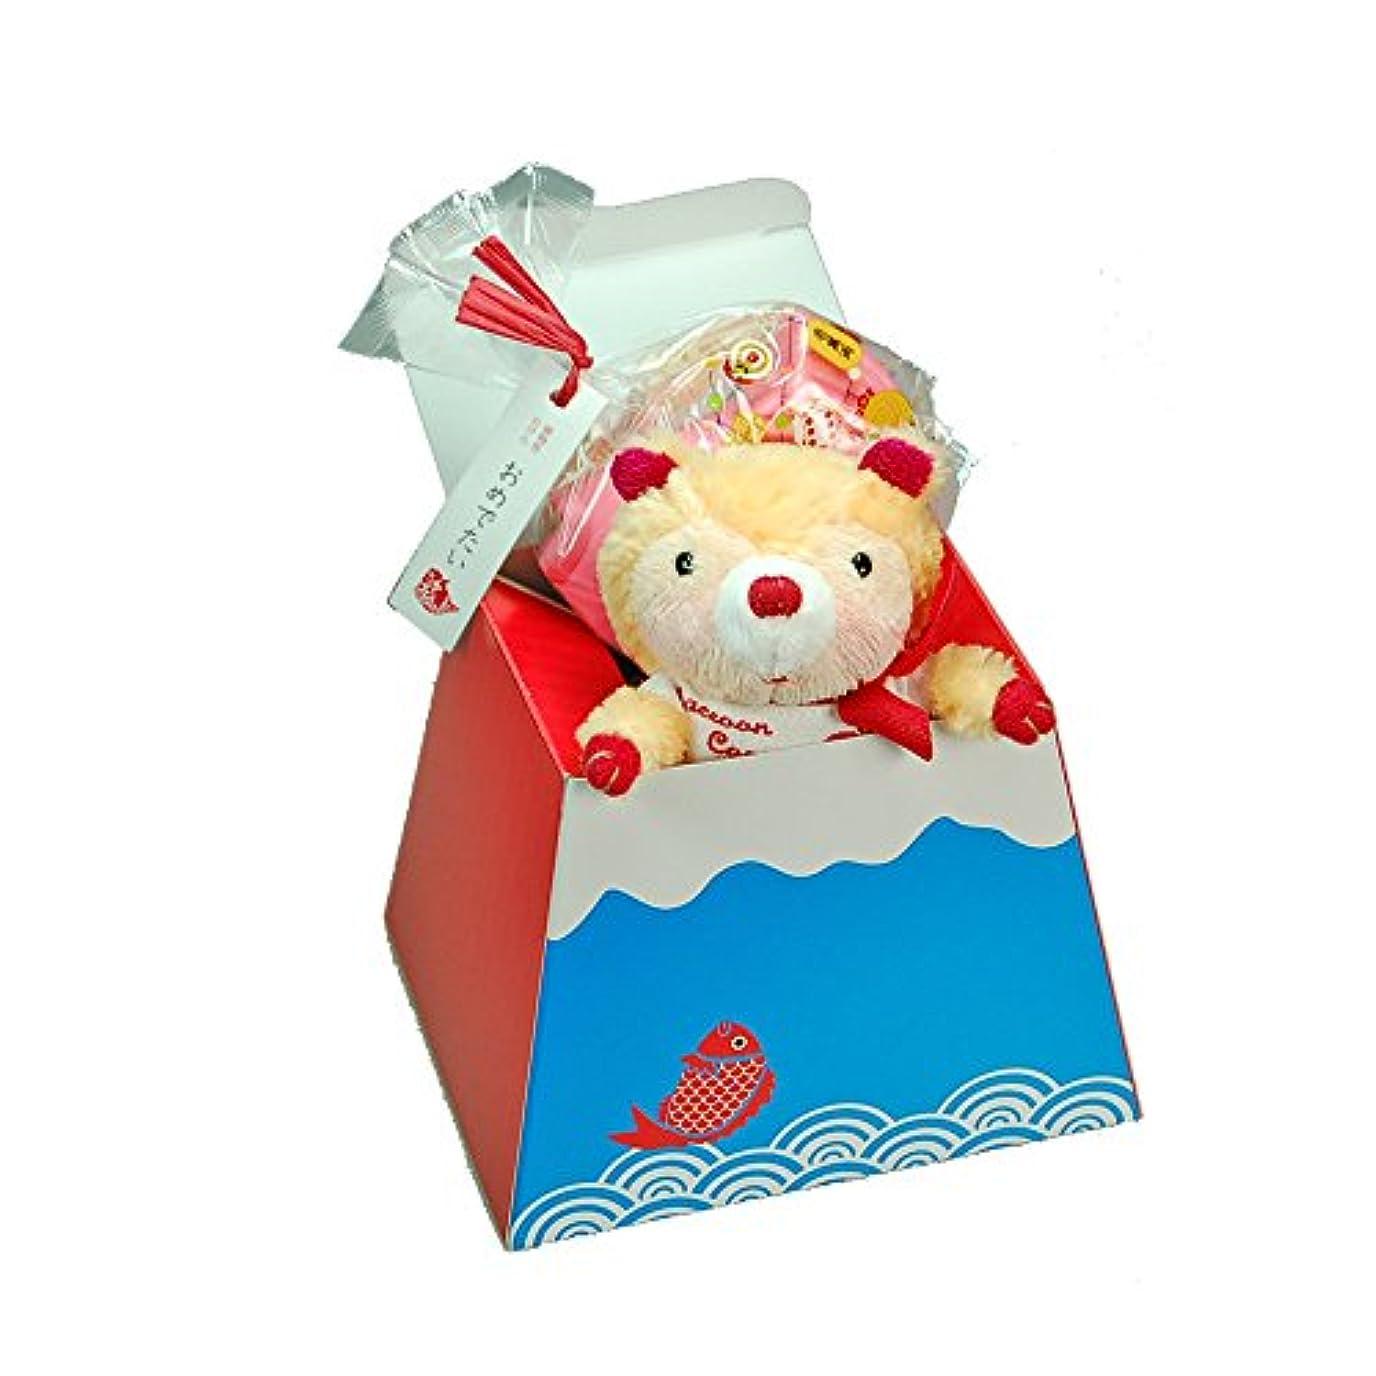 大反動後退するプチギフト リトルマスコット 鯛 石けん 富士山ラッピング付き 誕生日プレゼント お祝い 入学 卒業  (リトルセット)